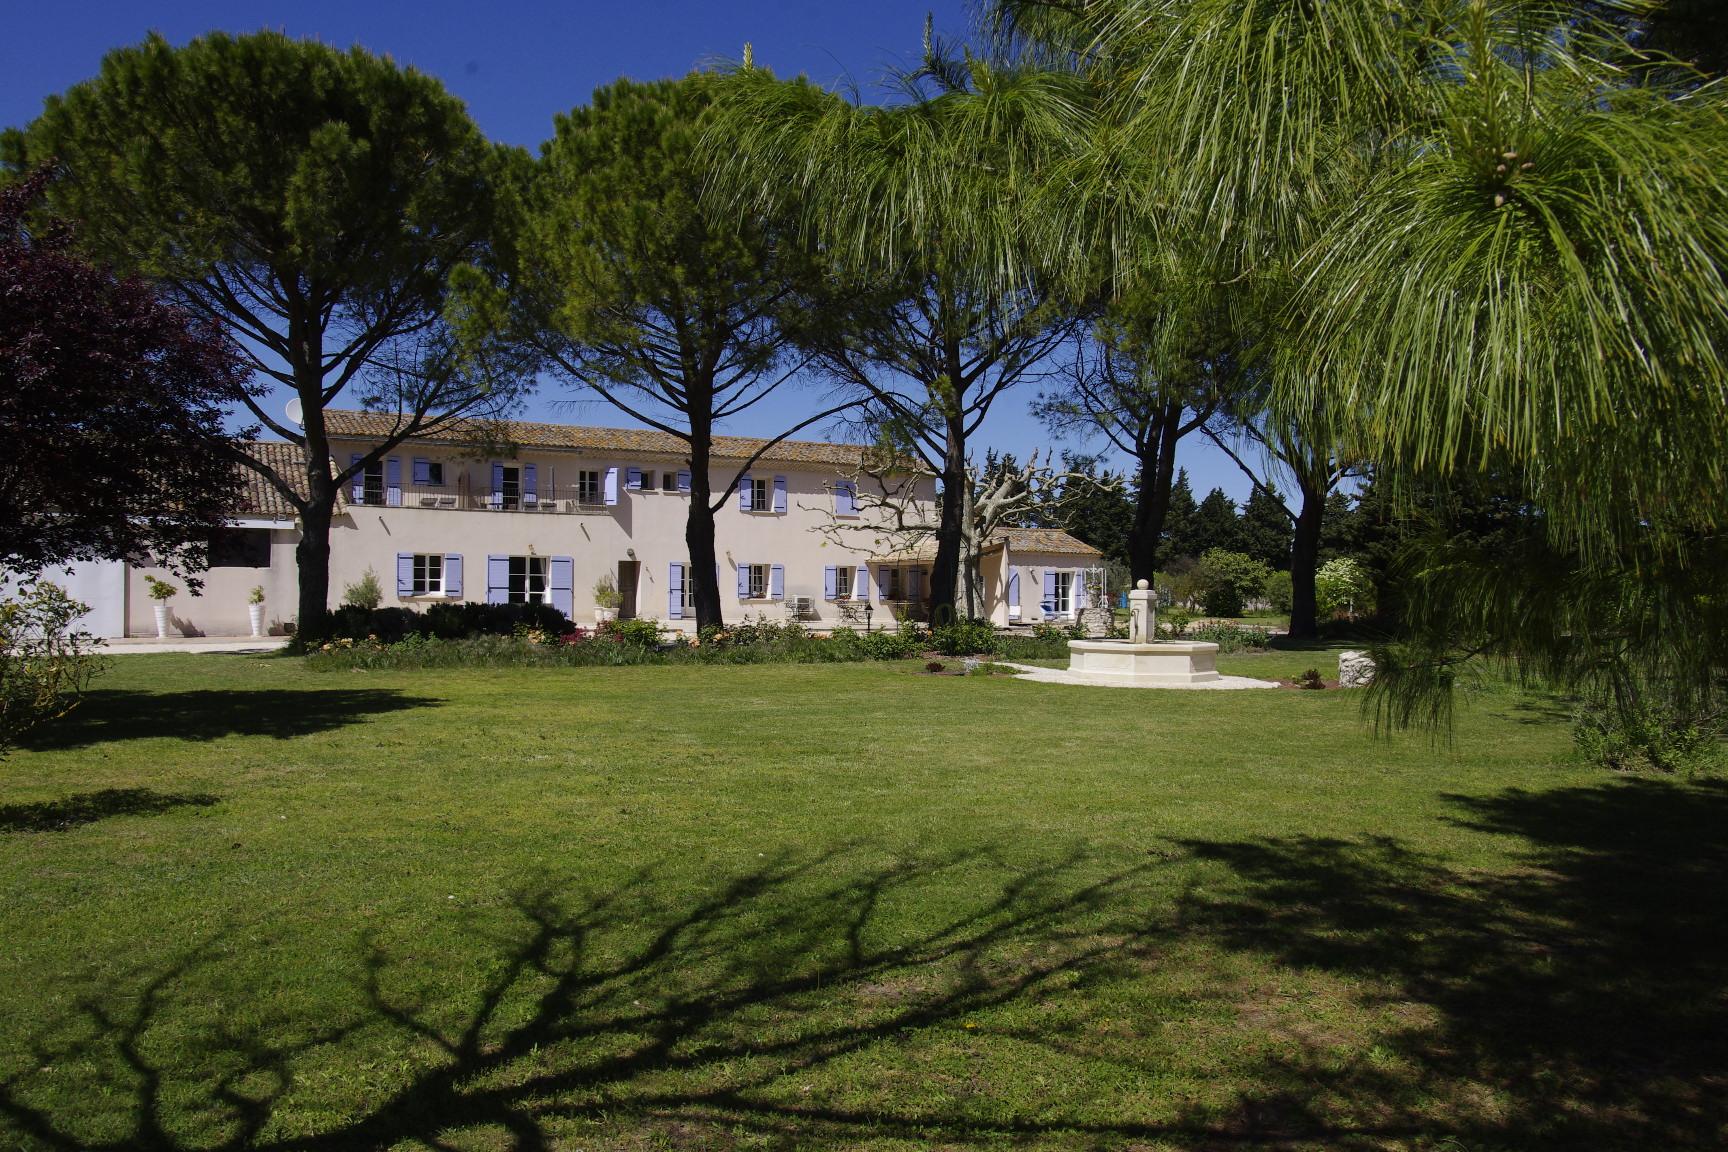 Das Gasthaus le-clos-des-sorgues in dem 13000 m2 park